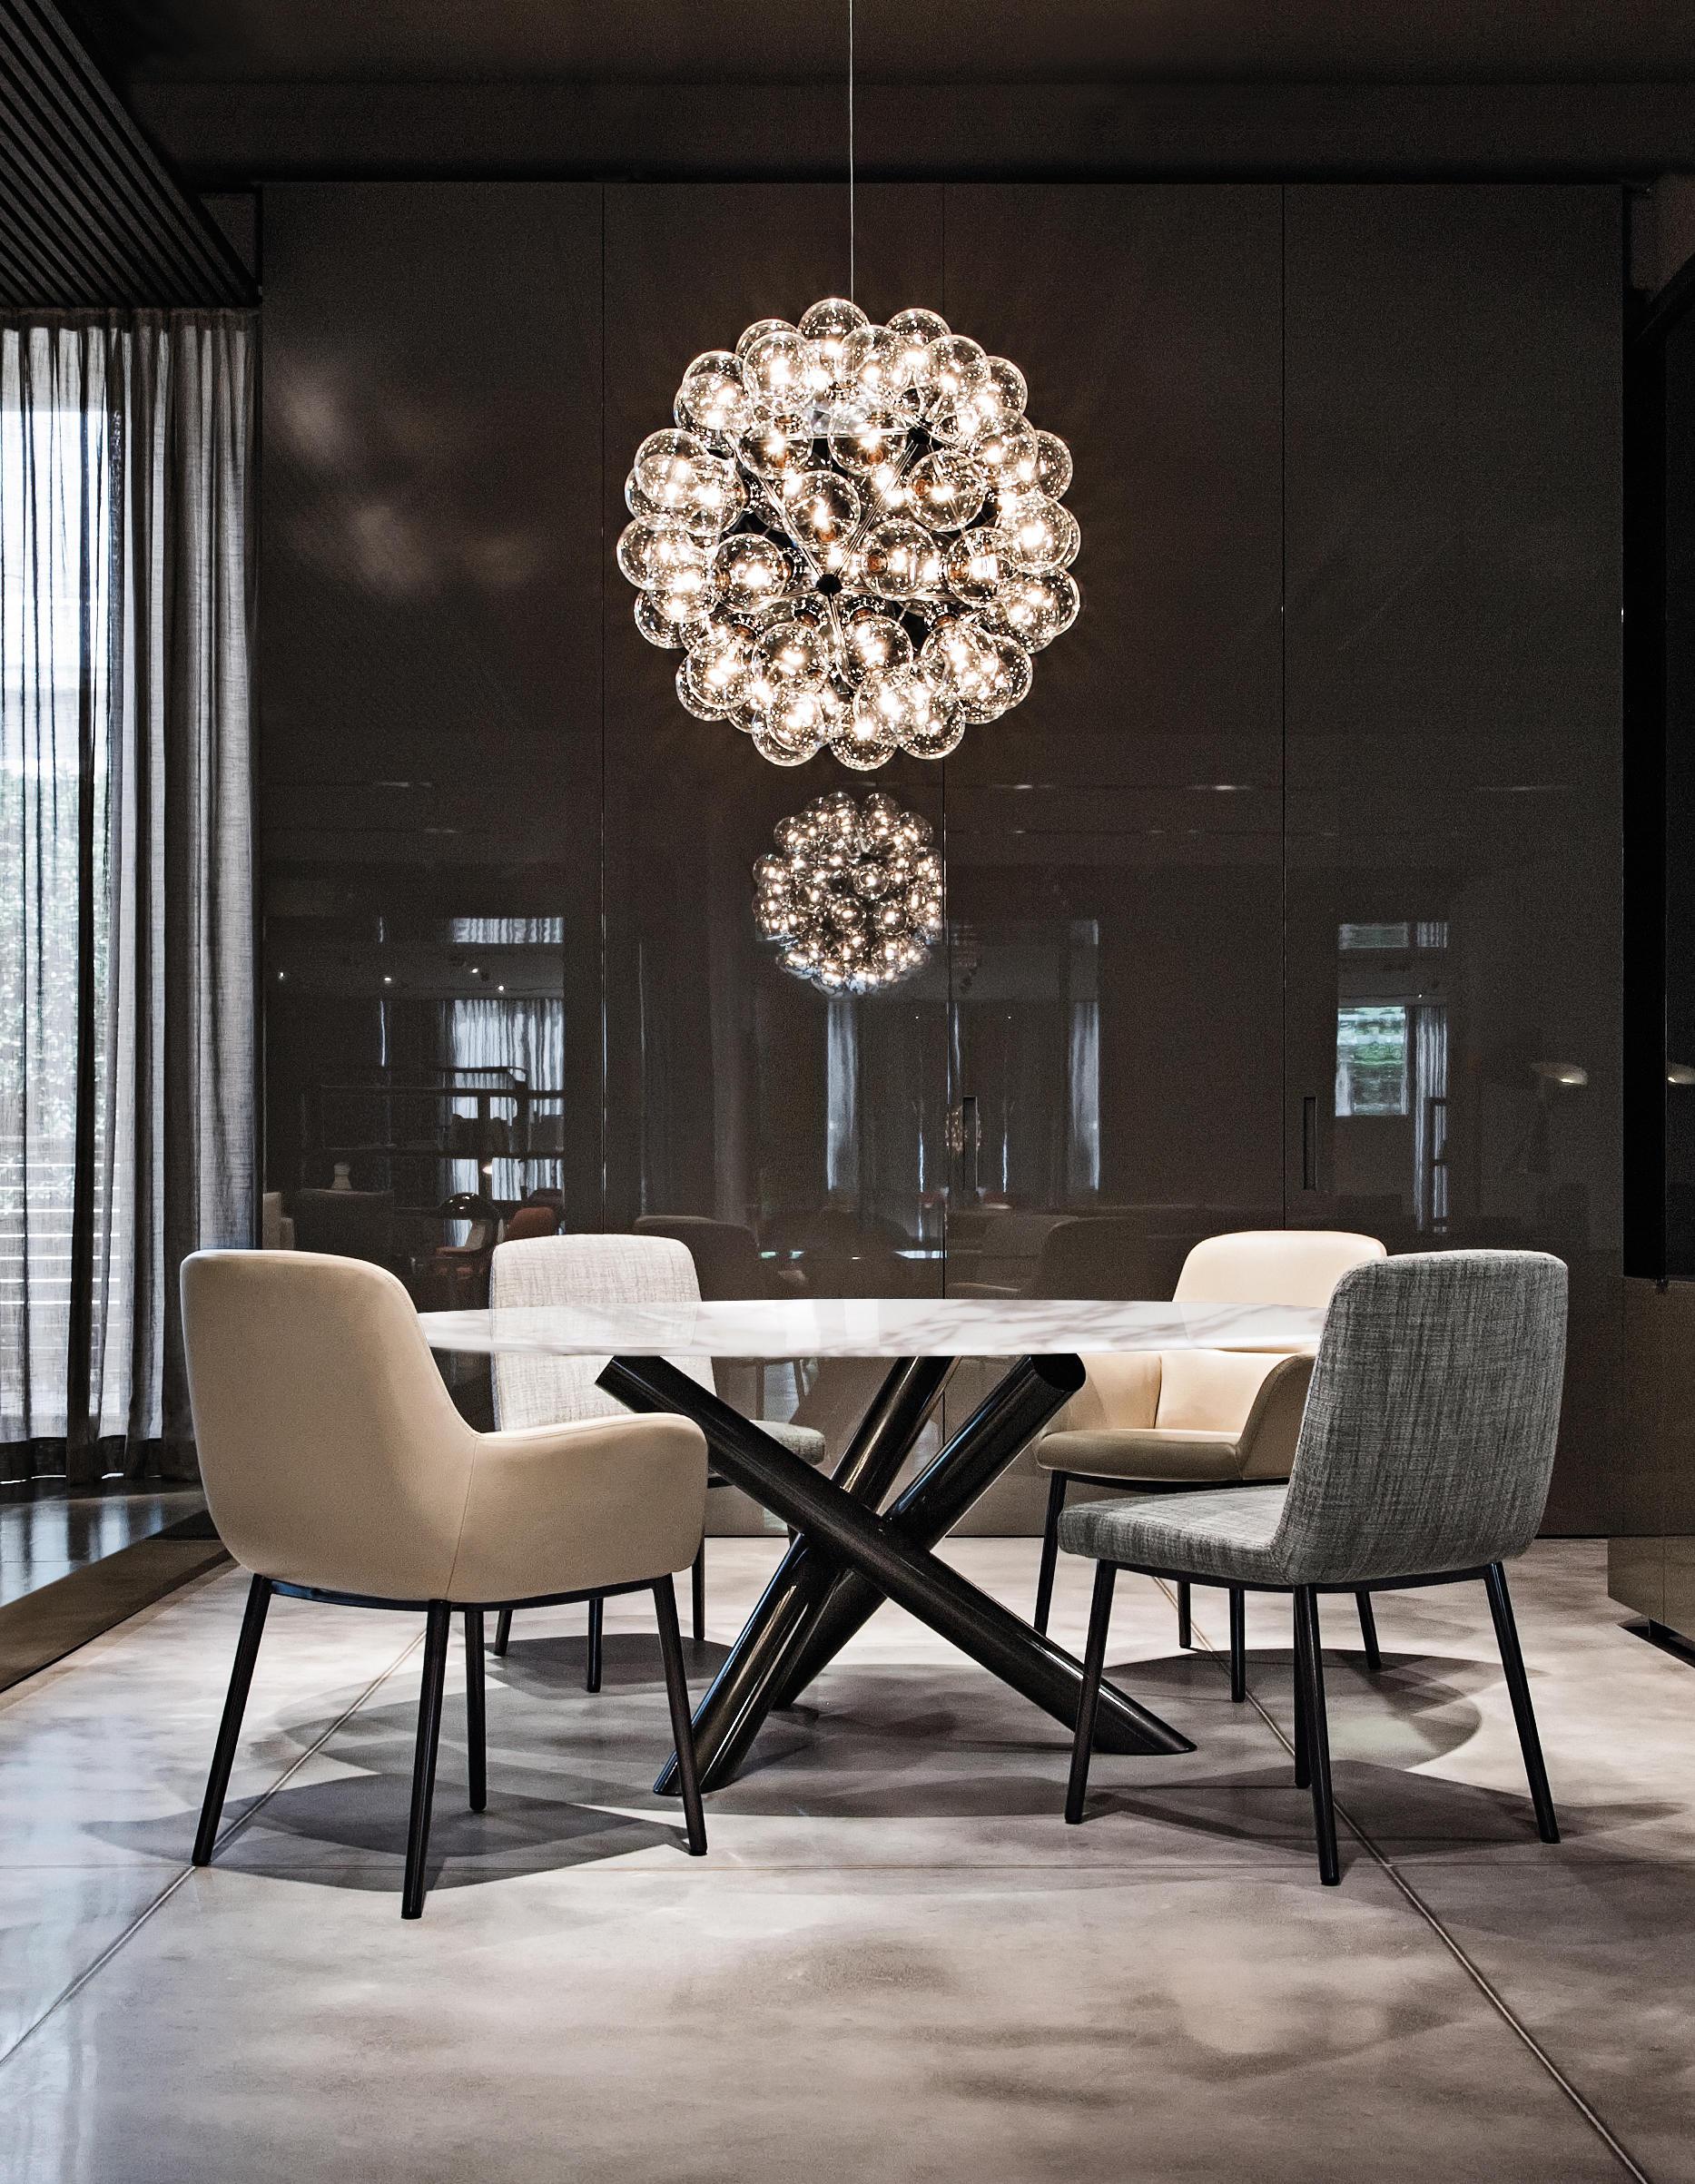 VAN DYCK TABLE Restaurant tables from Minotti Architonic : van dyck 02 n h from www.architonic.com size 1867 x 2406 jpeg 819kB